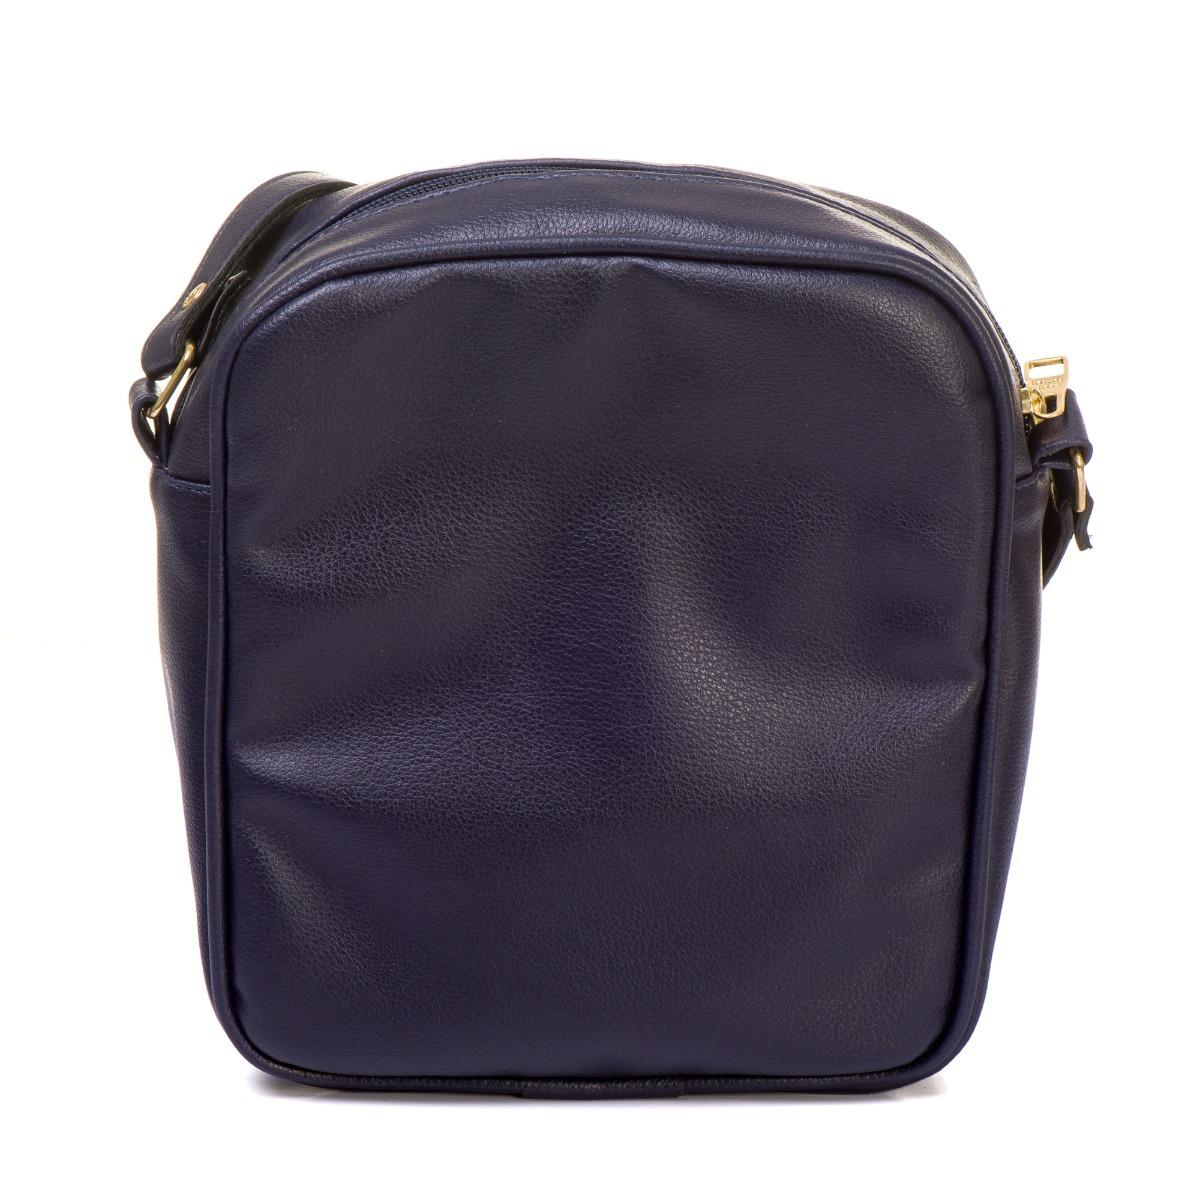 8396b5010 bolsa transversal carteiro supreme mochila lateral peq. Carregando zoom.